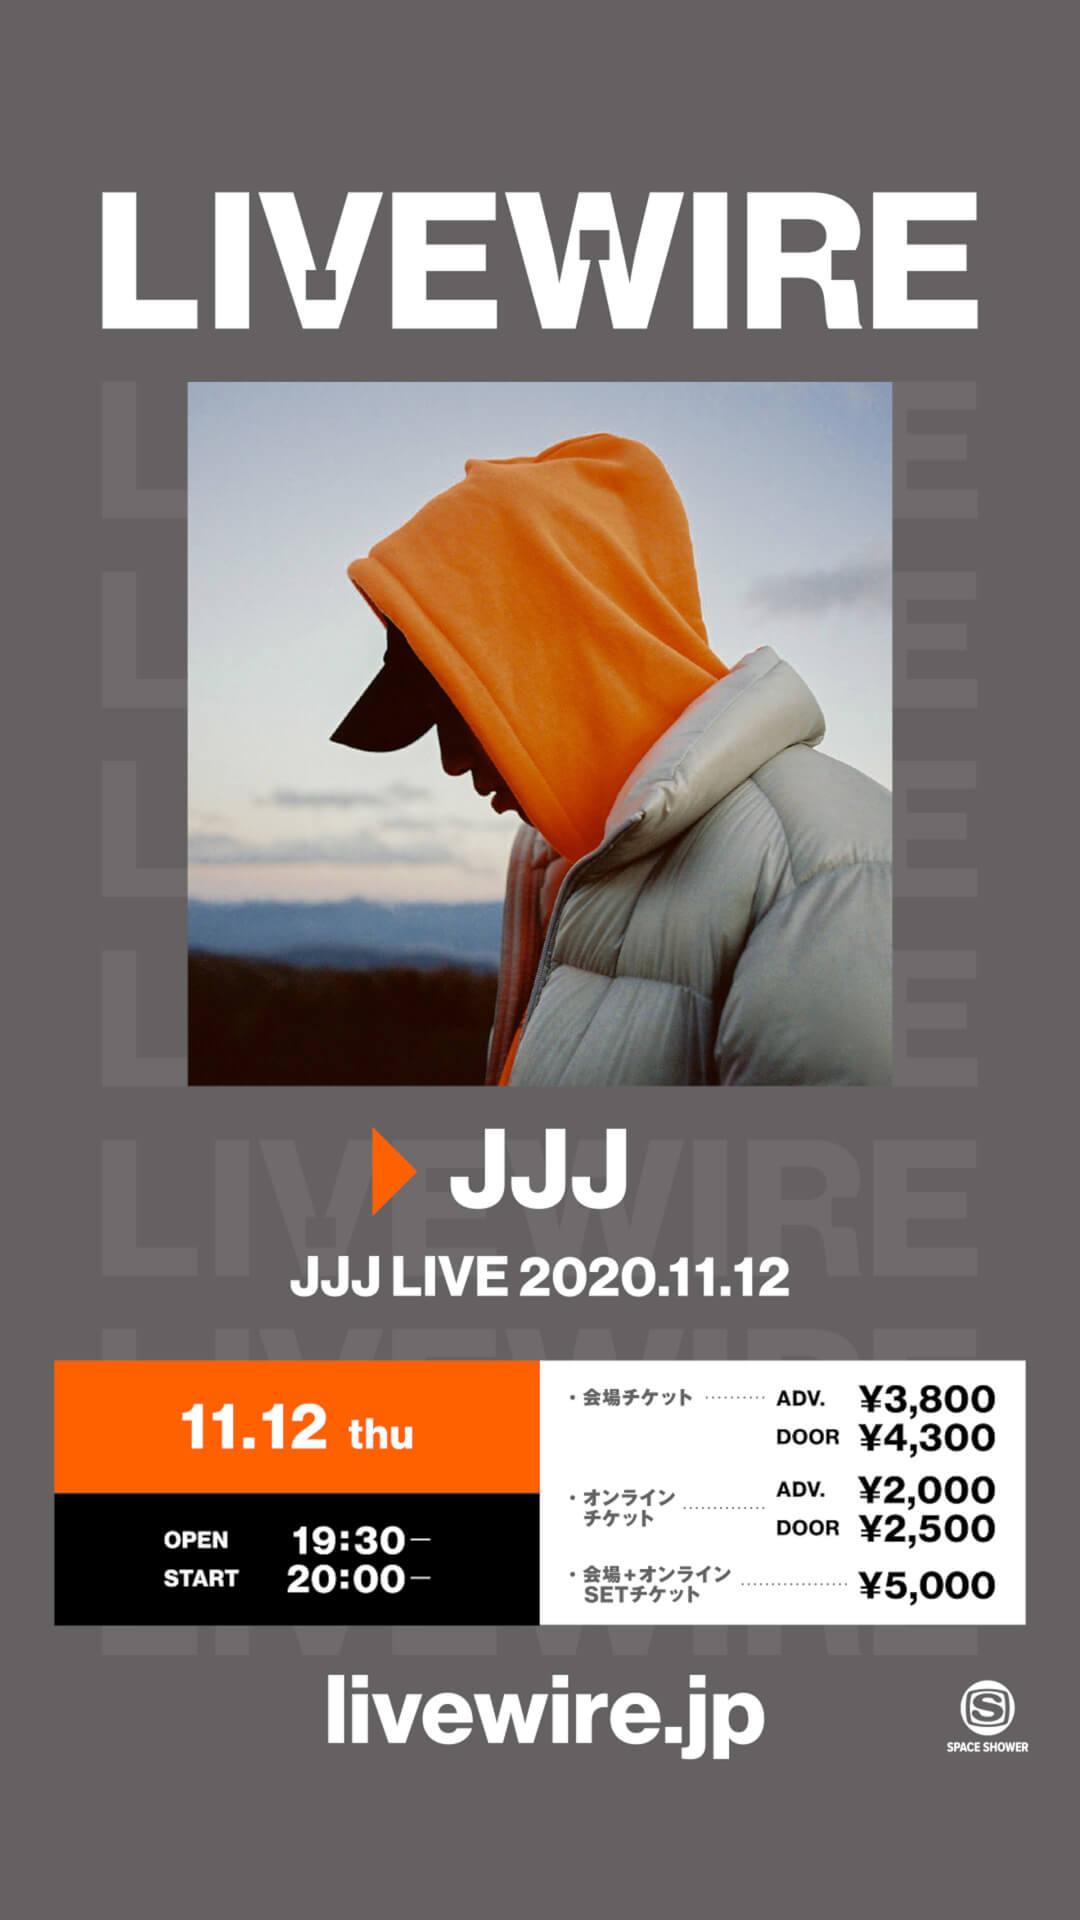 ストリートなイベント【東京】JJJ LIVE 2020.11.12 JJJの3年ぶりワンマンライブ開催!